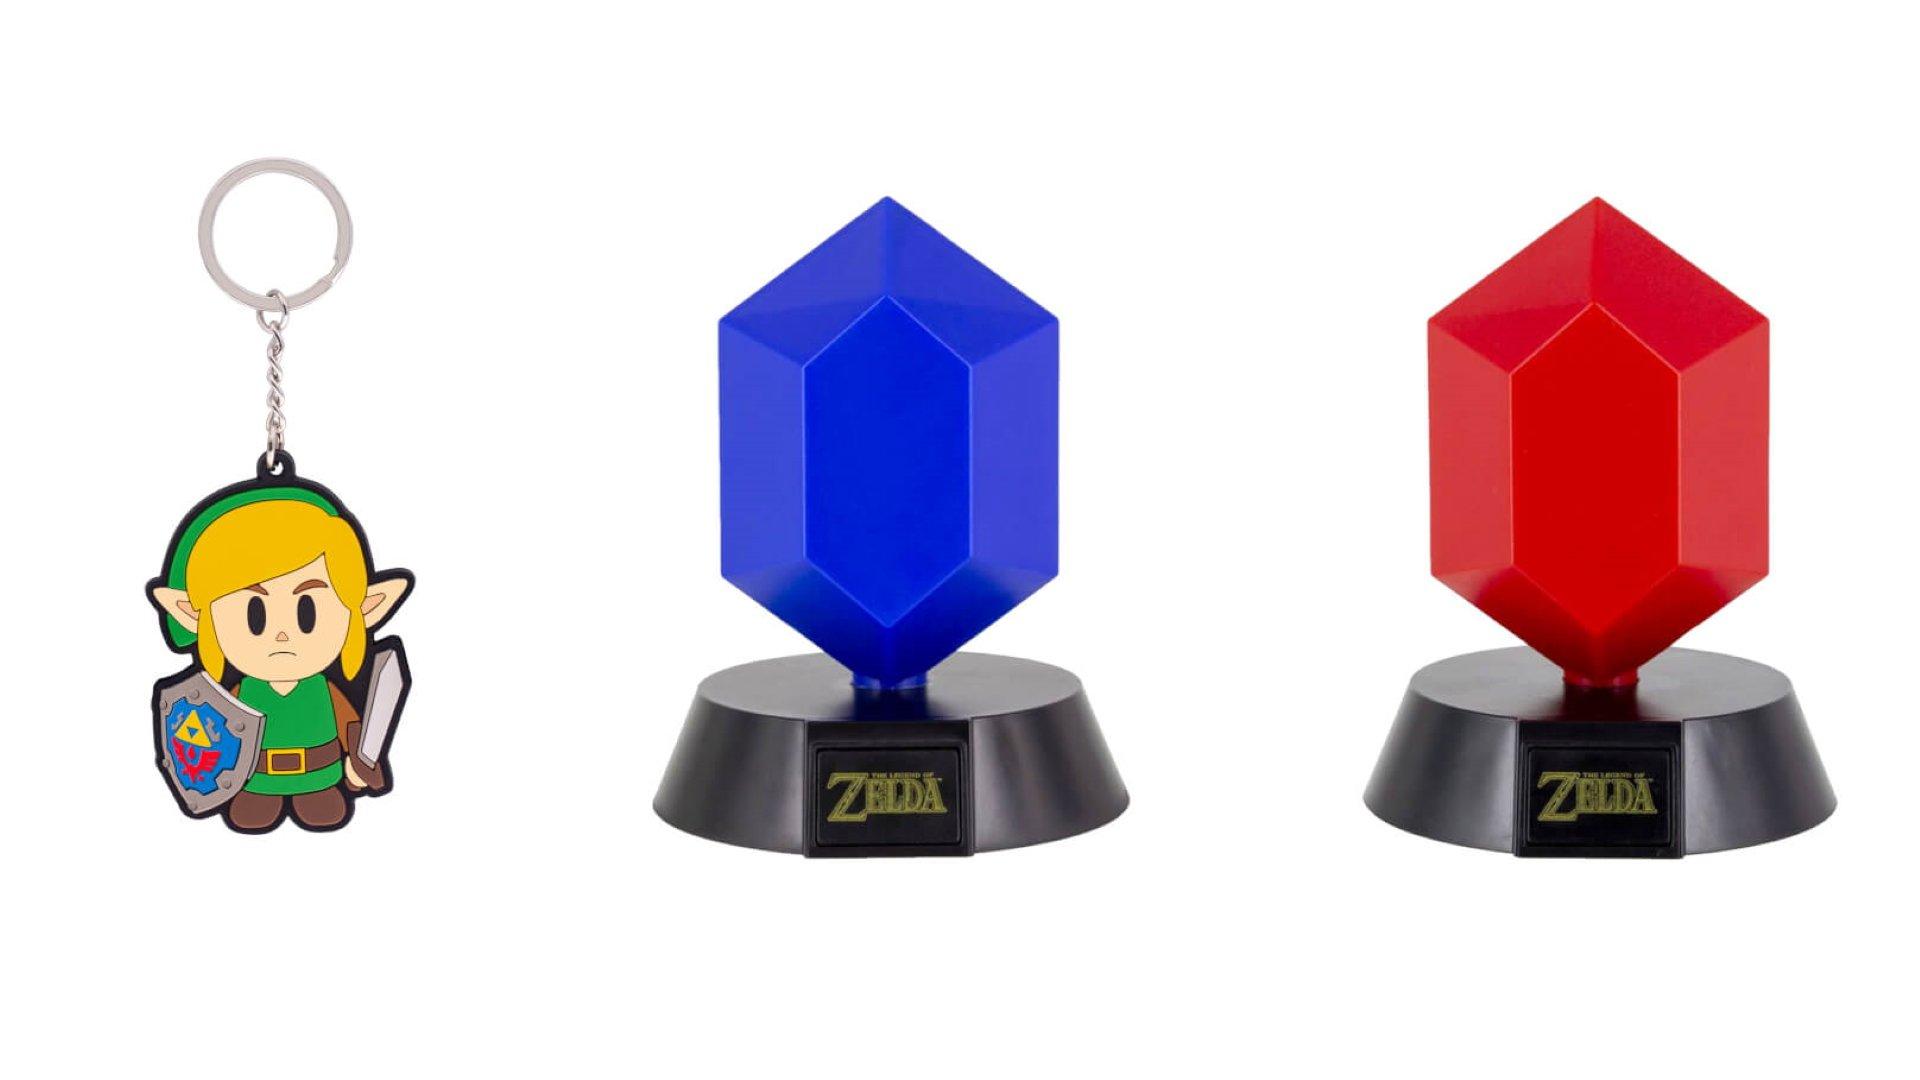 UK bonus de pré-commande pour Zelda : Link's Awakening comprend un joli porte-clés et une lampe en roupies.